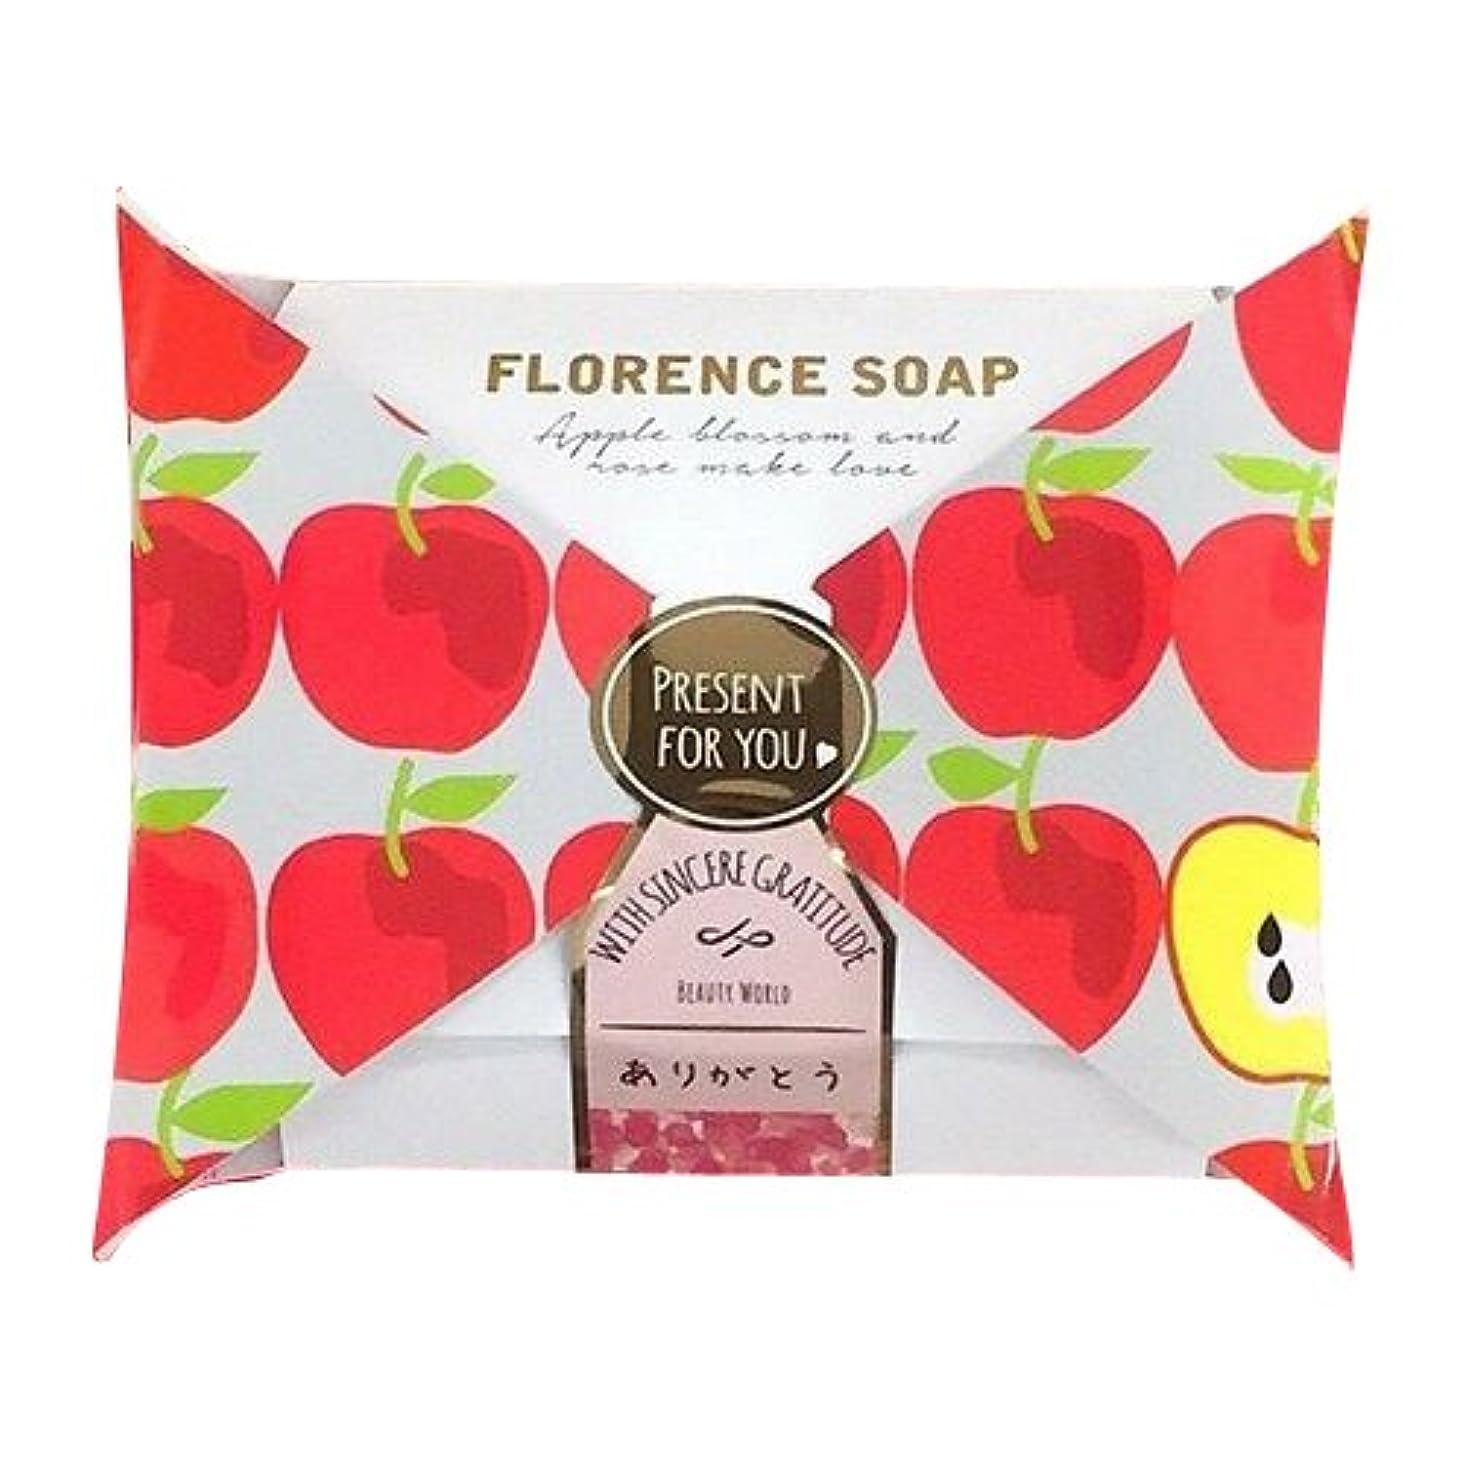 熱ジュニアジャンクBW フローレンスの香り石けん リボンパッケージ FSP384 アップルの花とローズの恋 (35g)